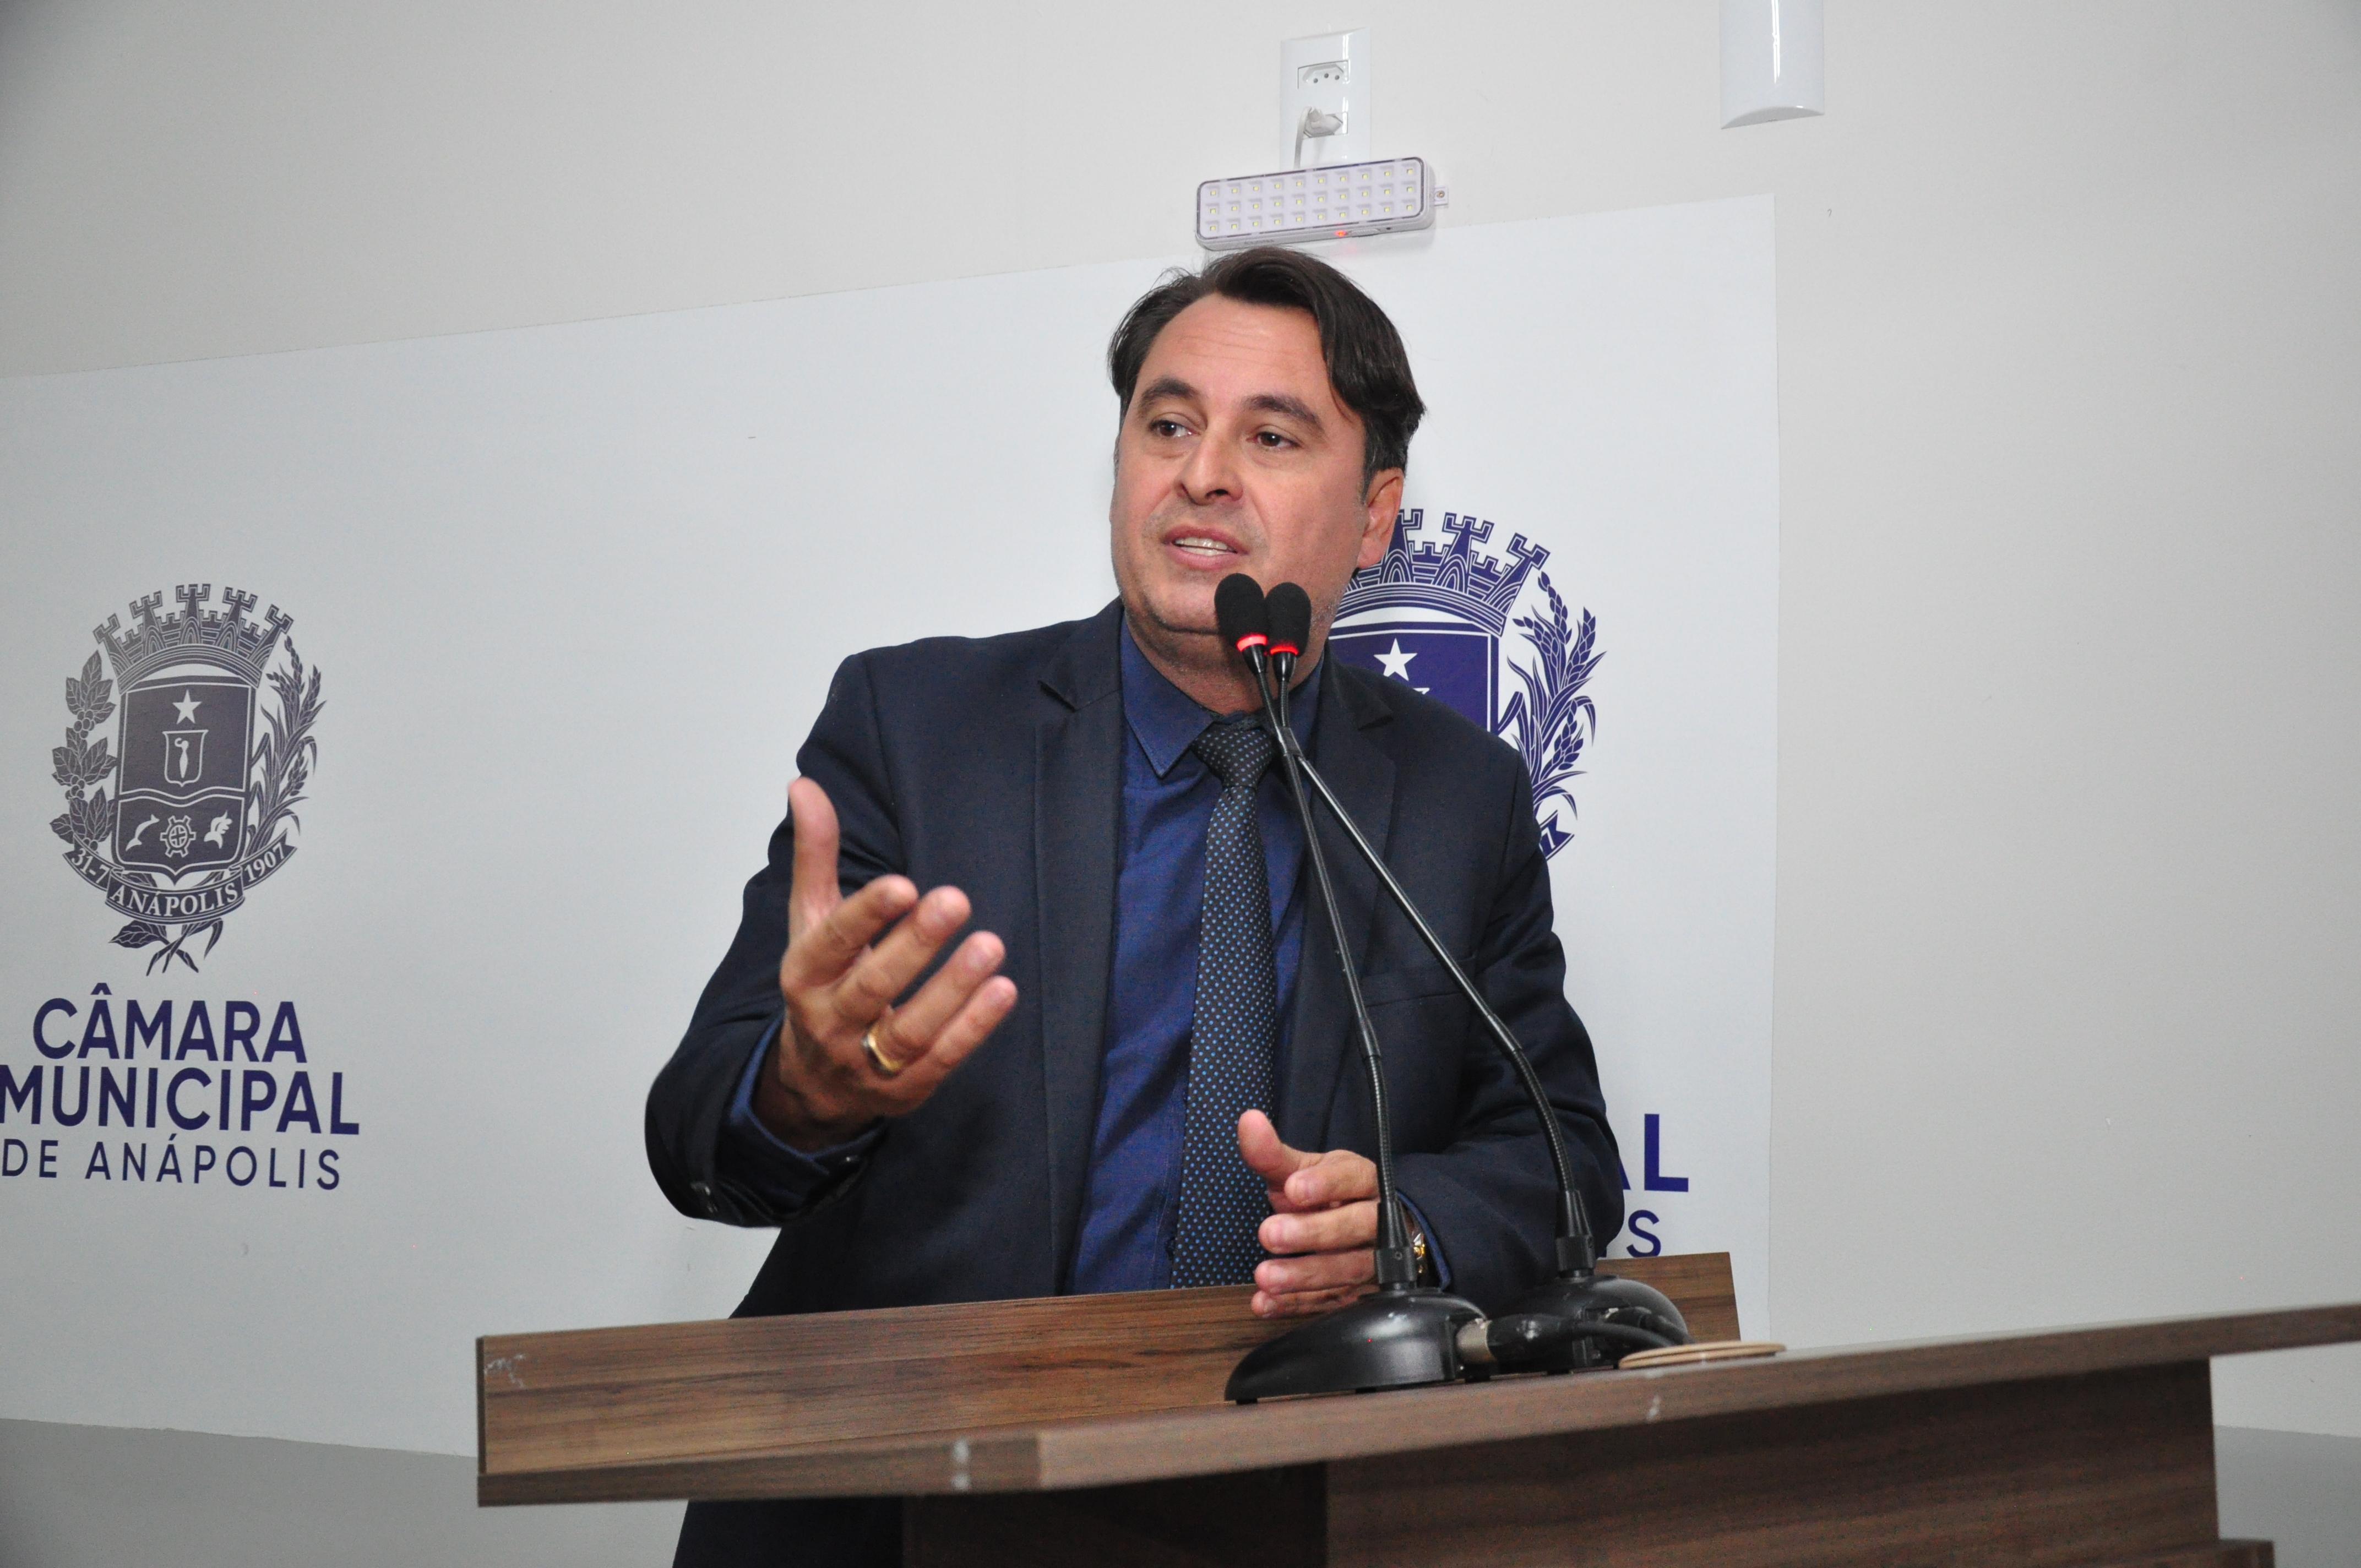 Jean Carlos relaciona obras municipais em andamento que contaram com sua indicação